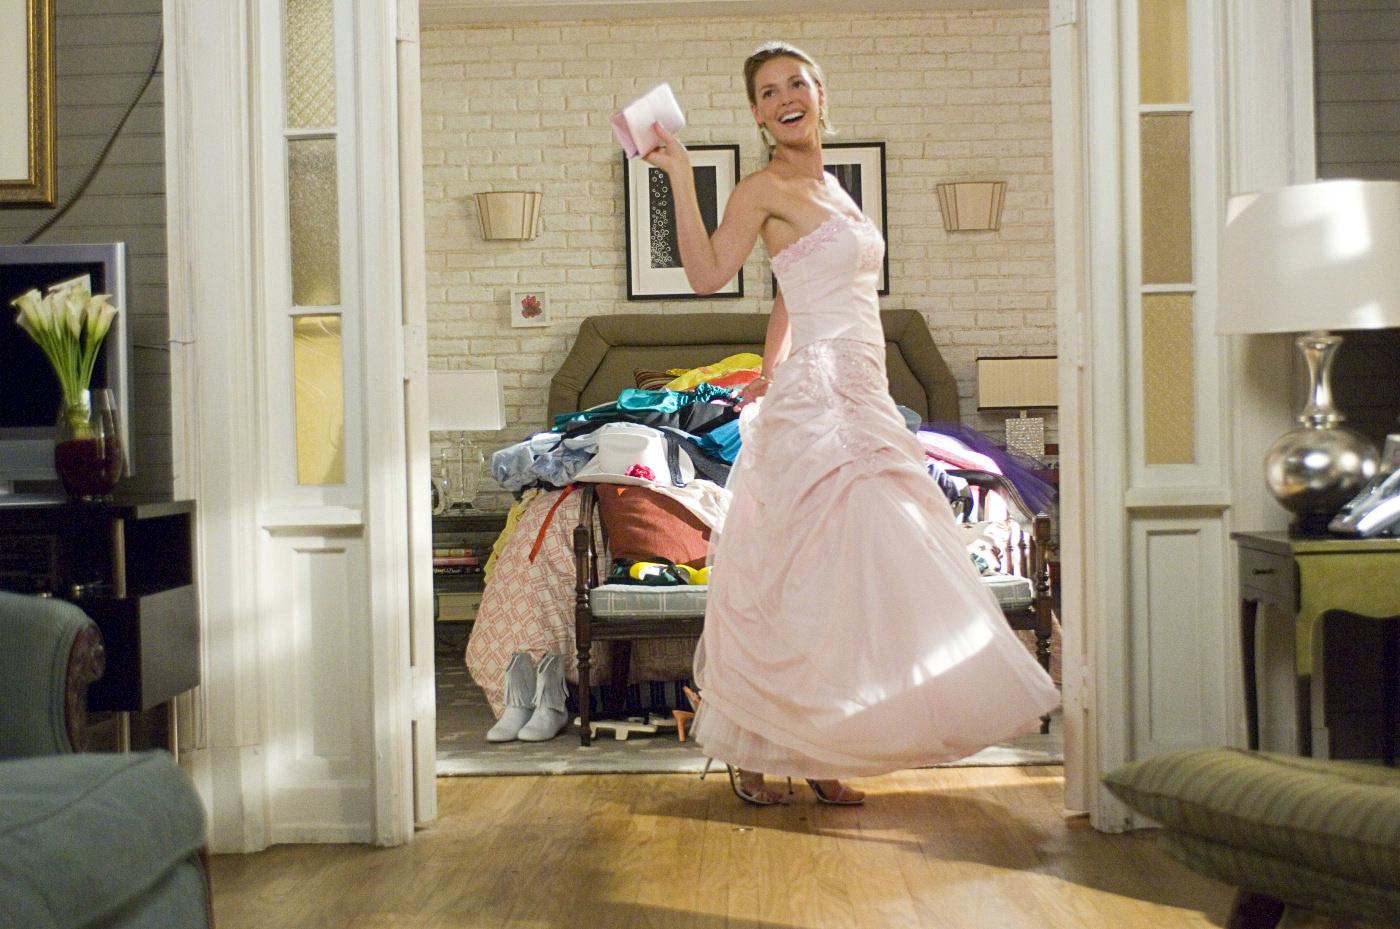 Jane wears a strapless pale pink ballgown